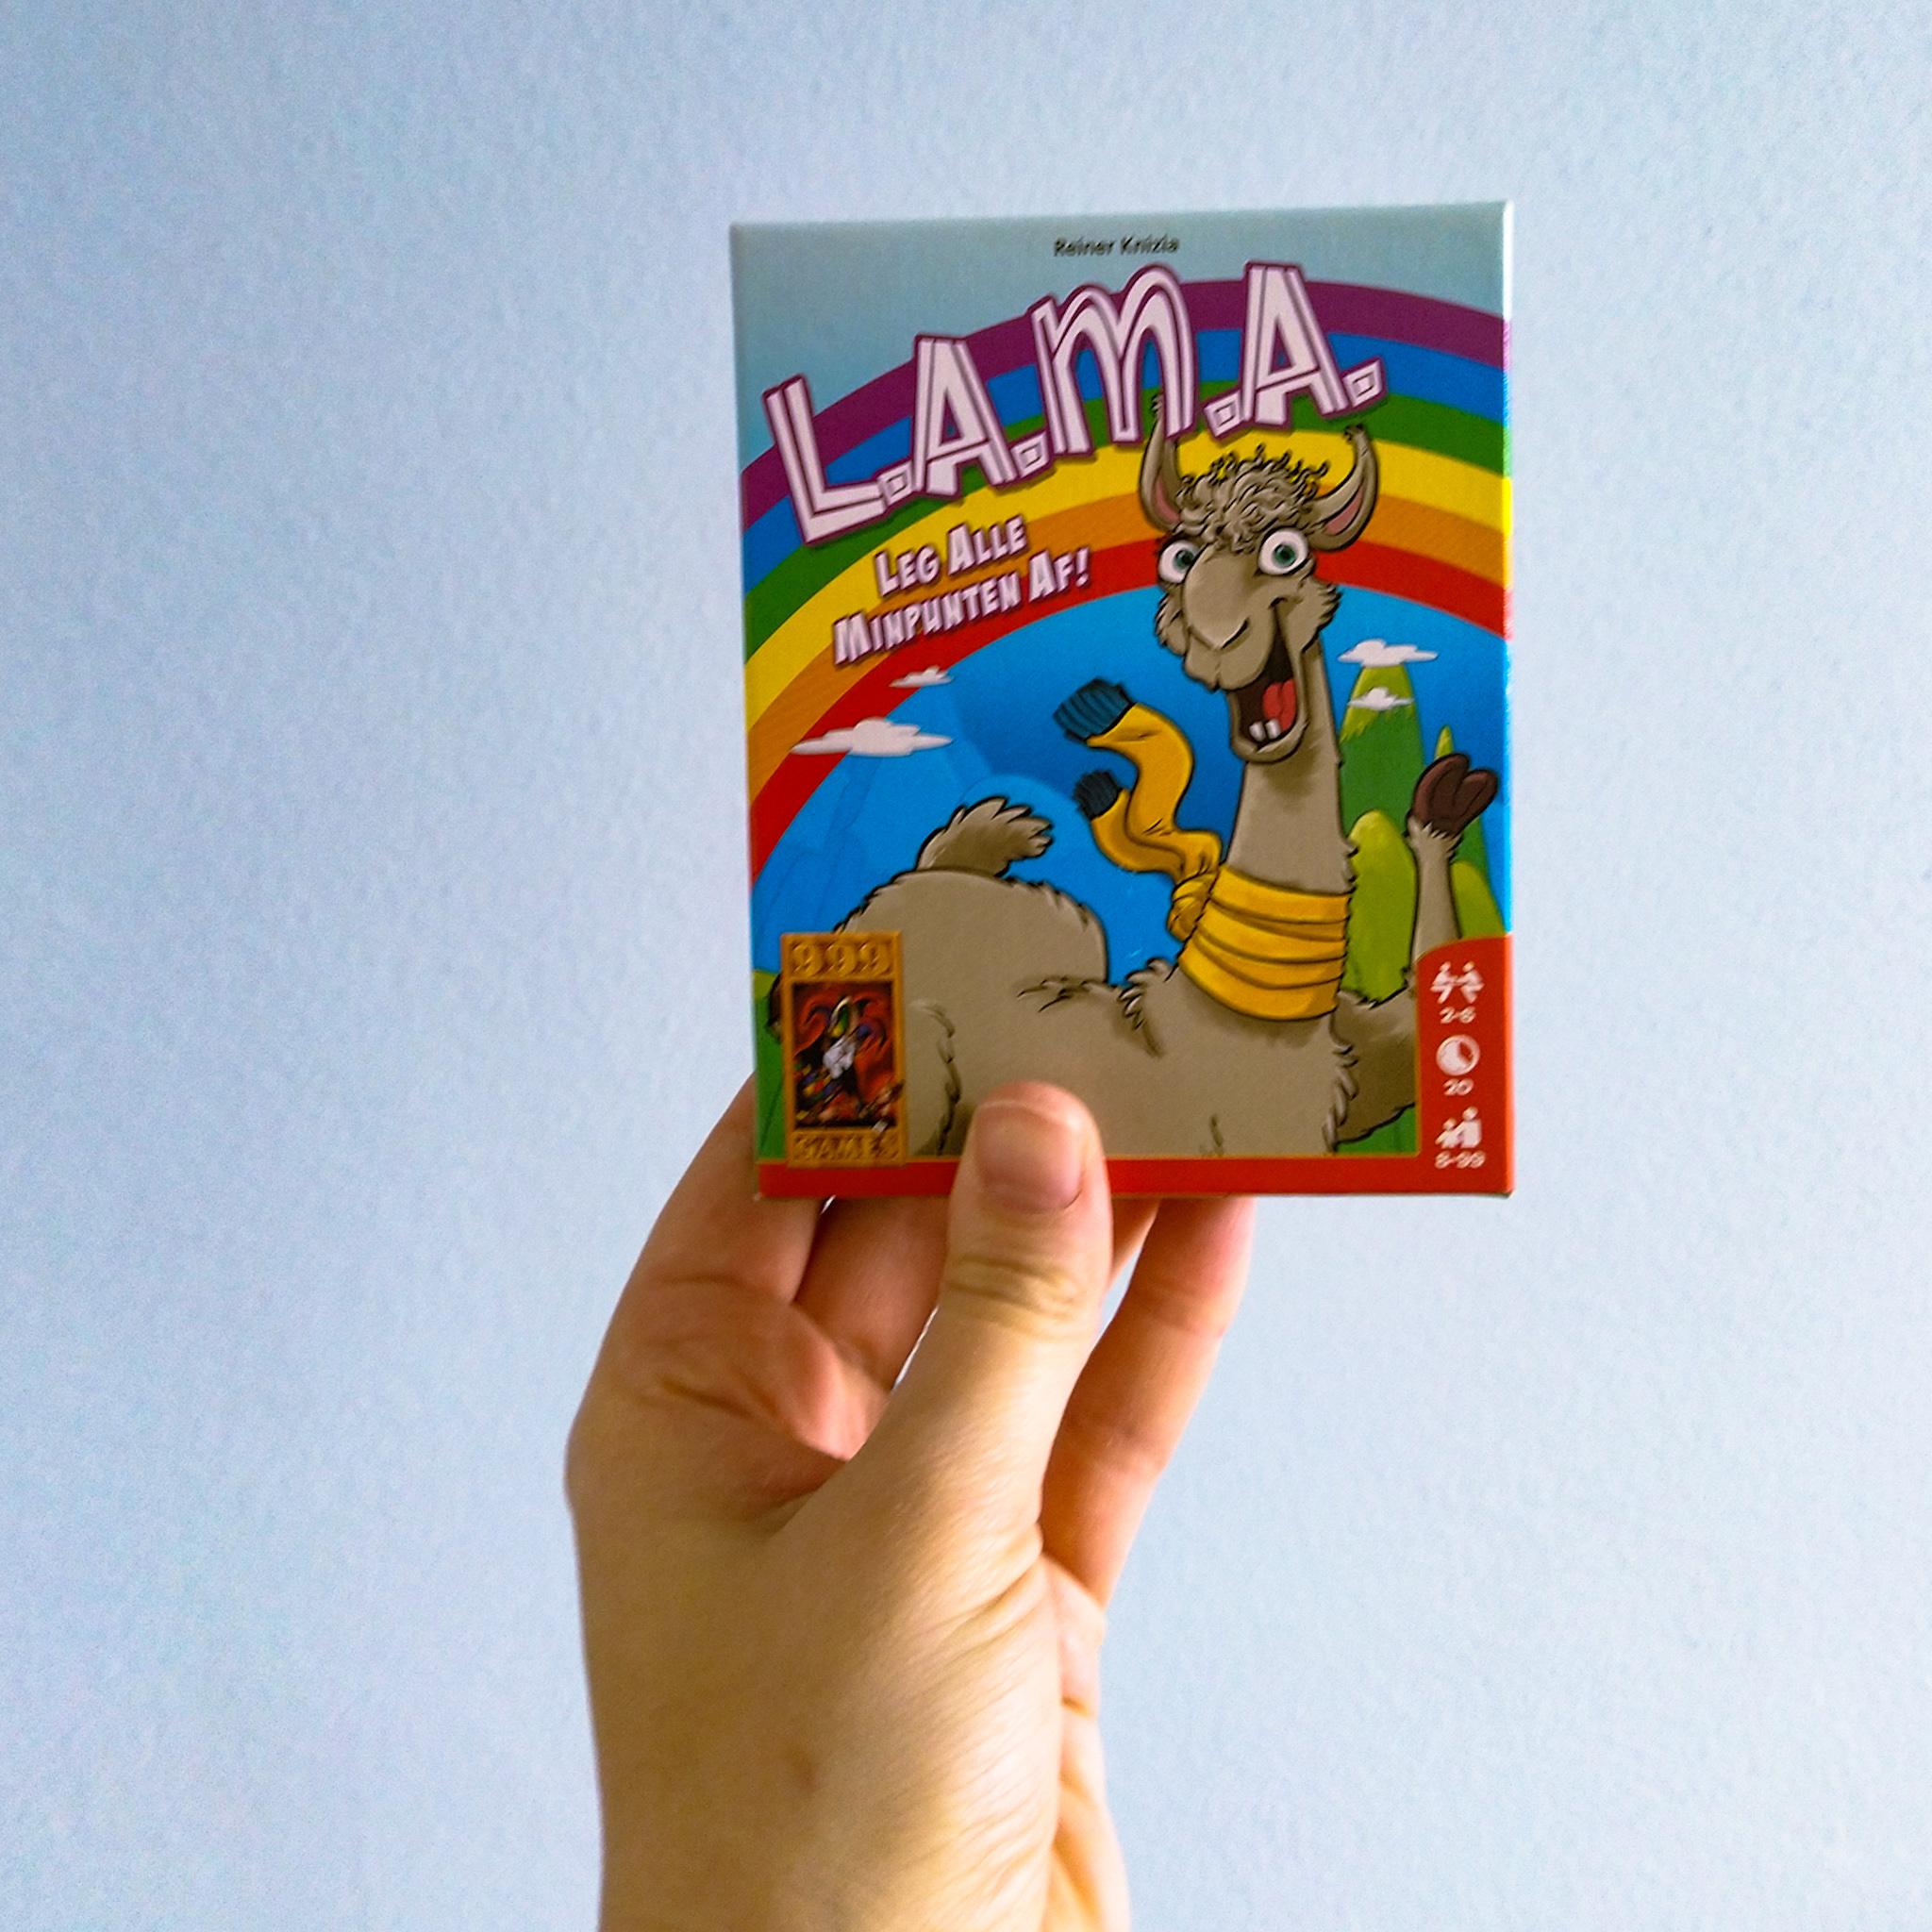 Review L.A.M.A.